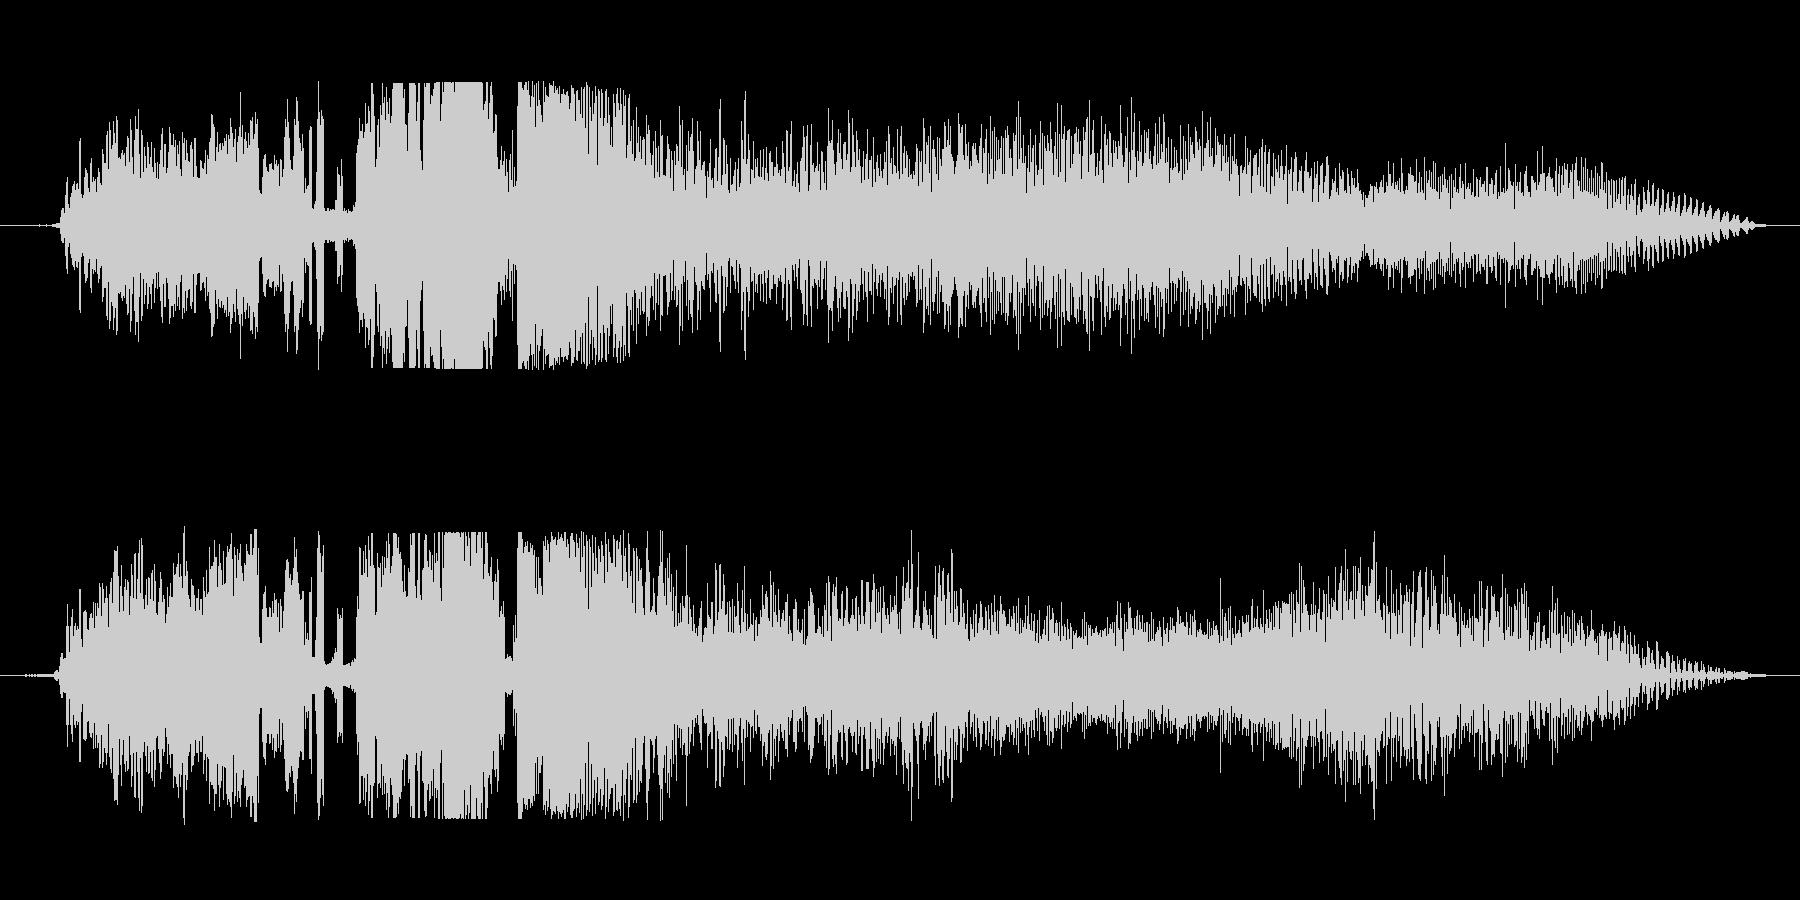 ラジオジングルFM風の未再生の波形